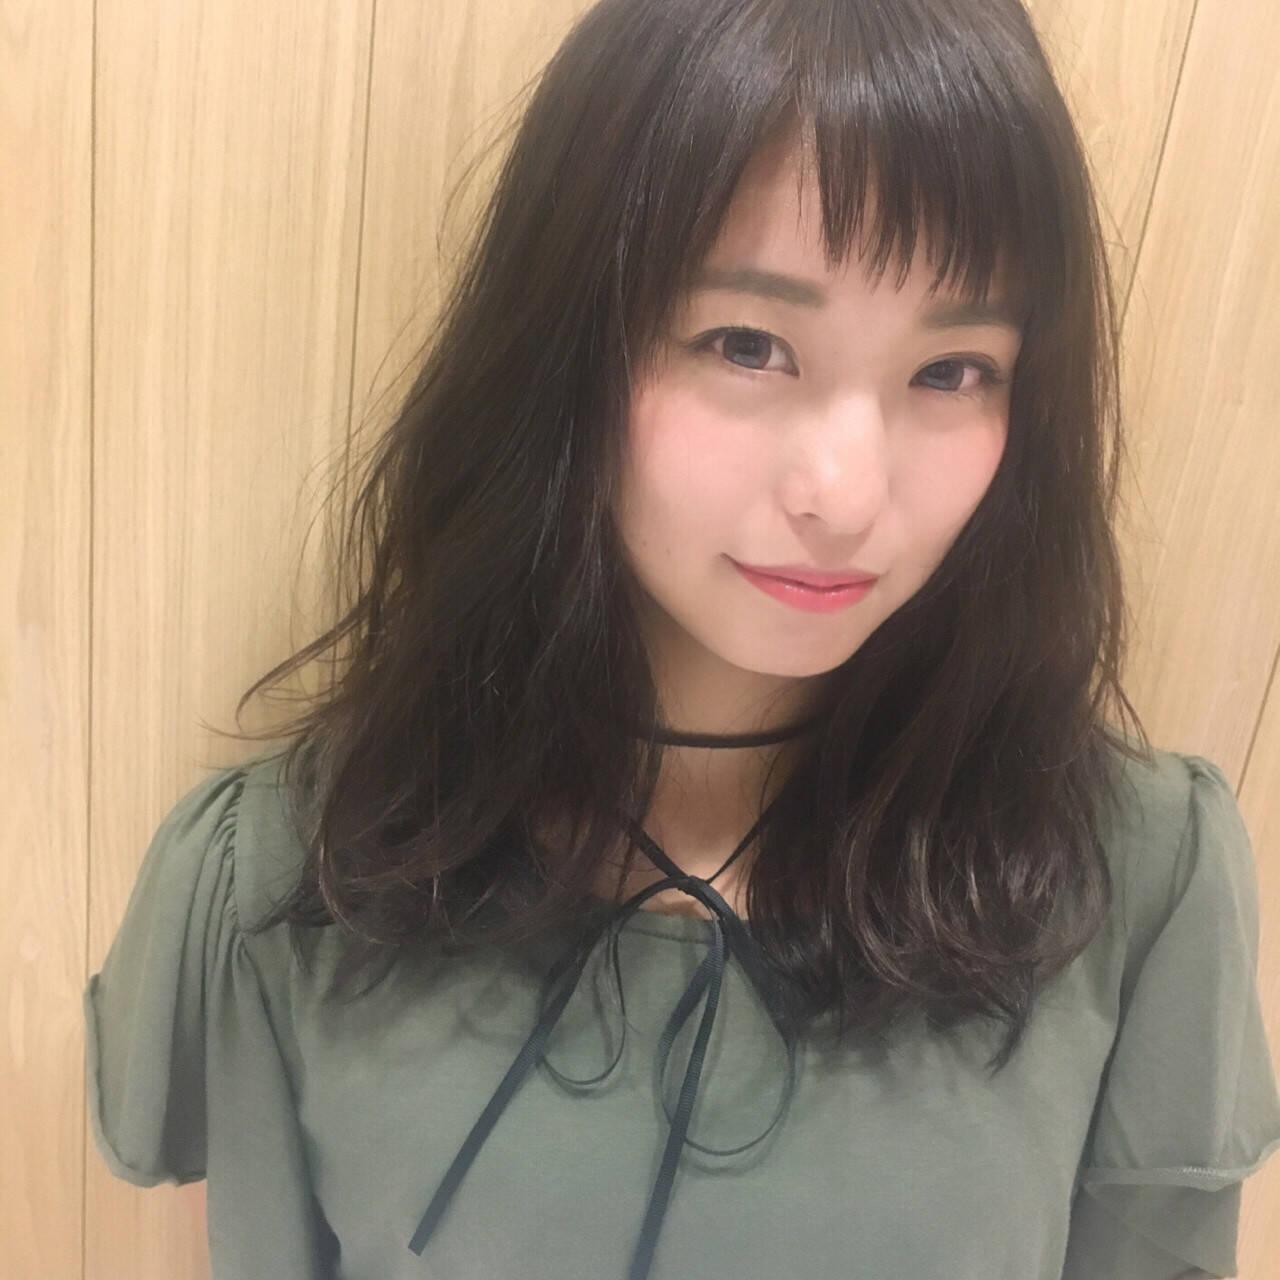 前髪あり 大人かわいい セミロング ガーリーヘアスタイルや髪型の写真・画像